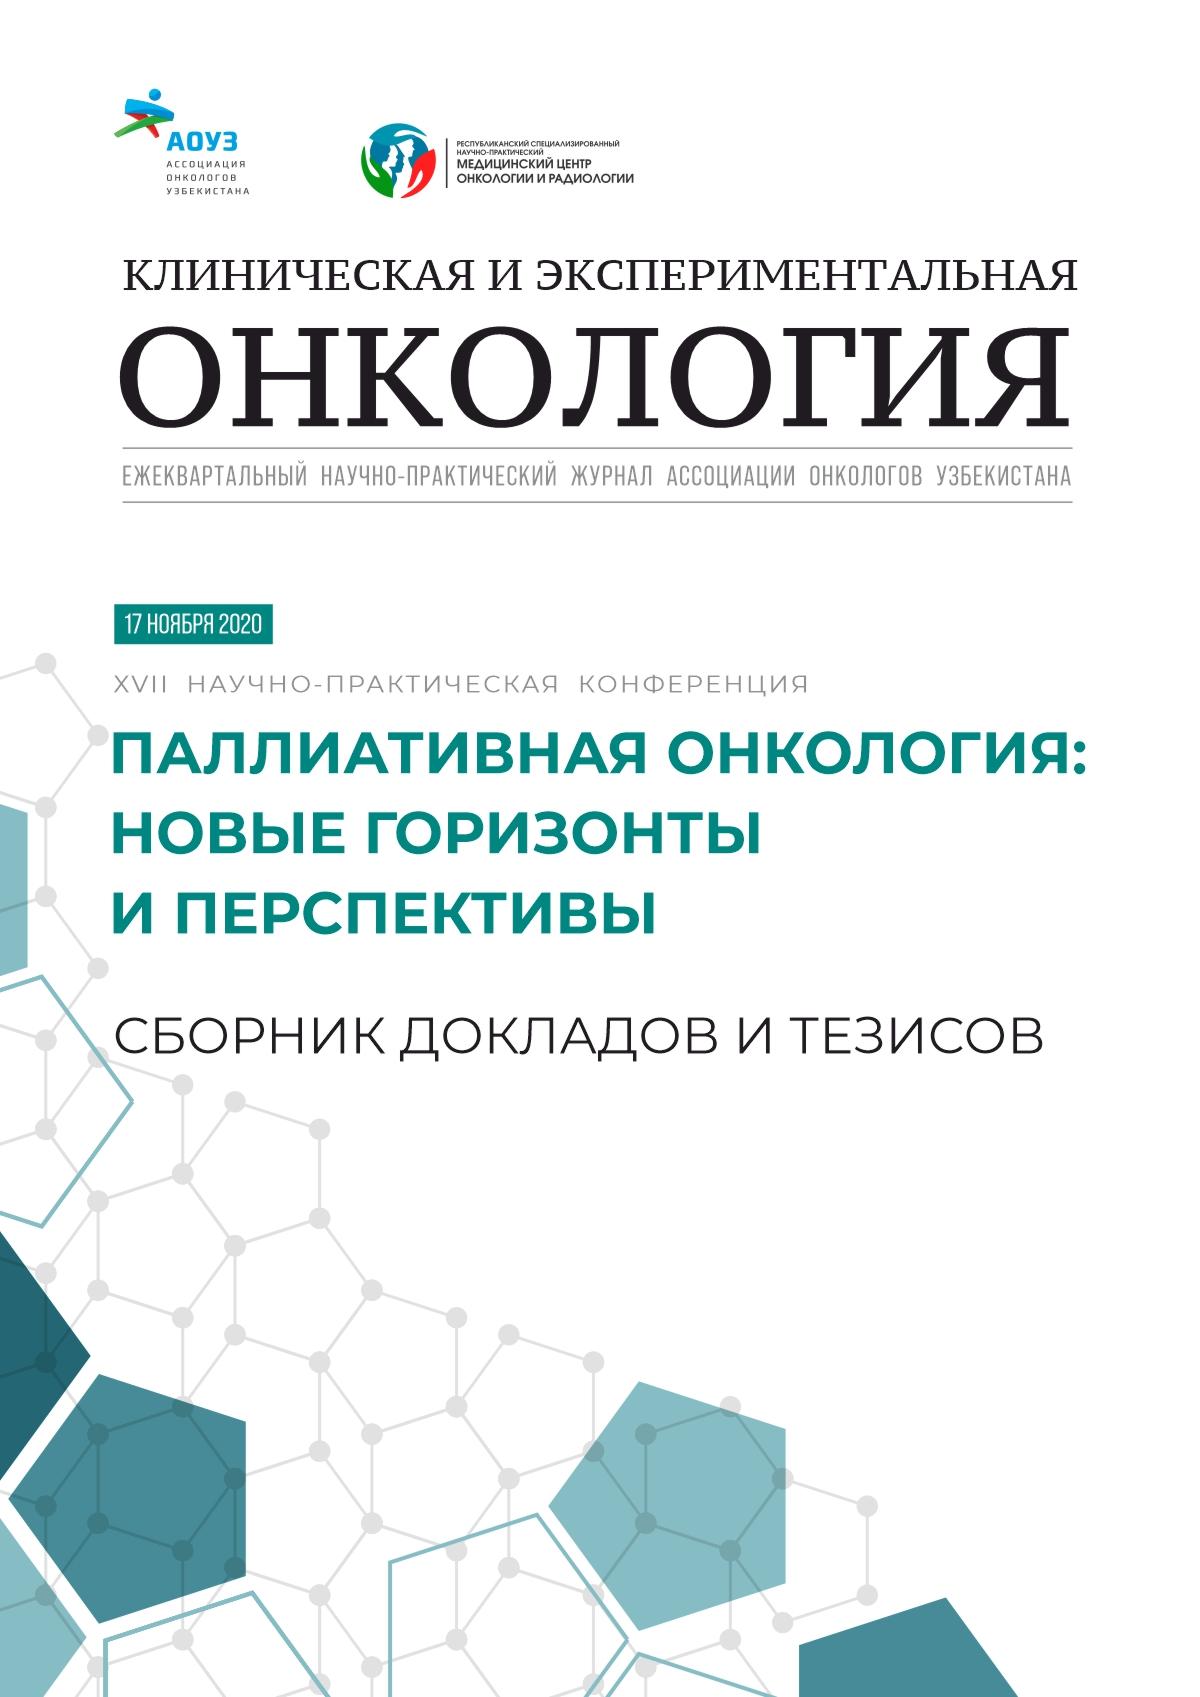 Сборник тезисов и докладов XVII научно-практической конференции онкологов Узбекистана «Паллиативная онкология: новые горизонты и перспективы».